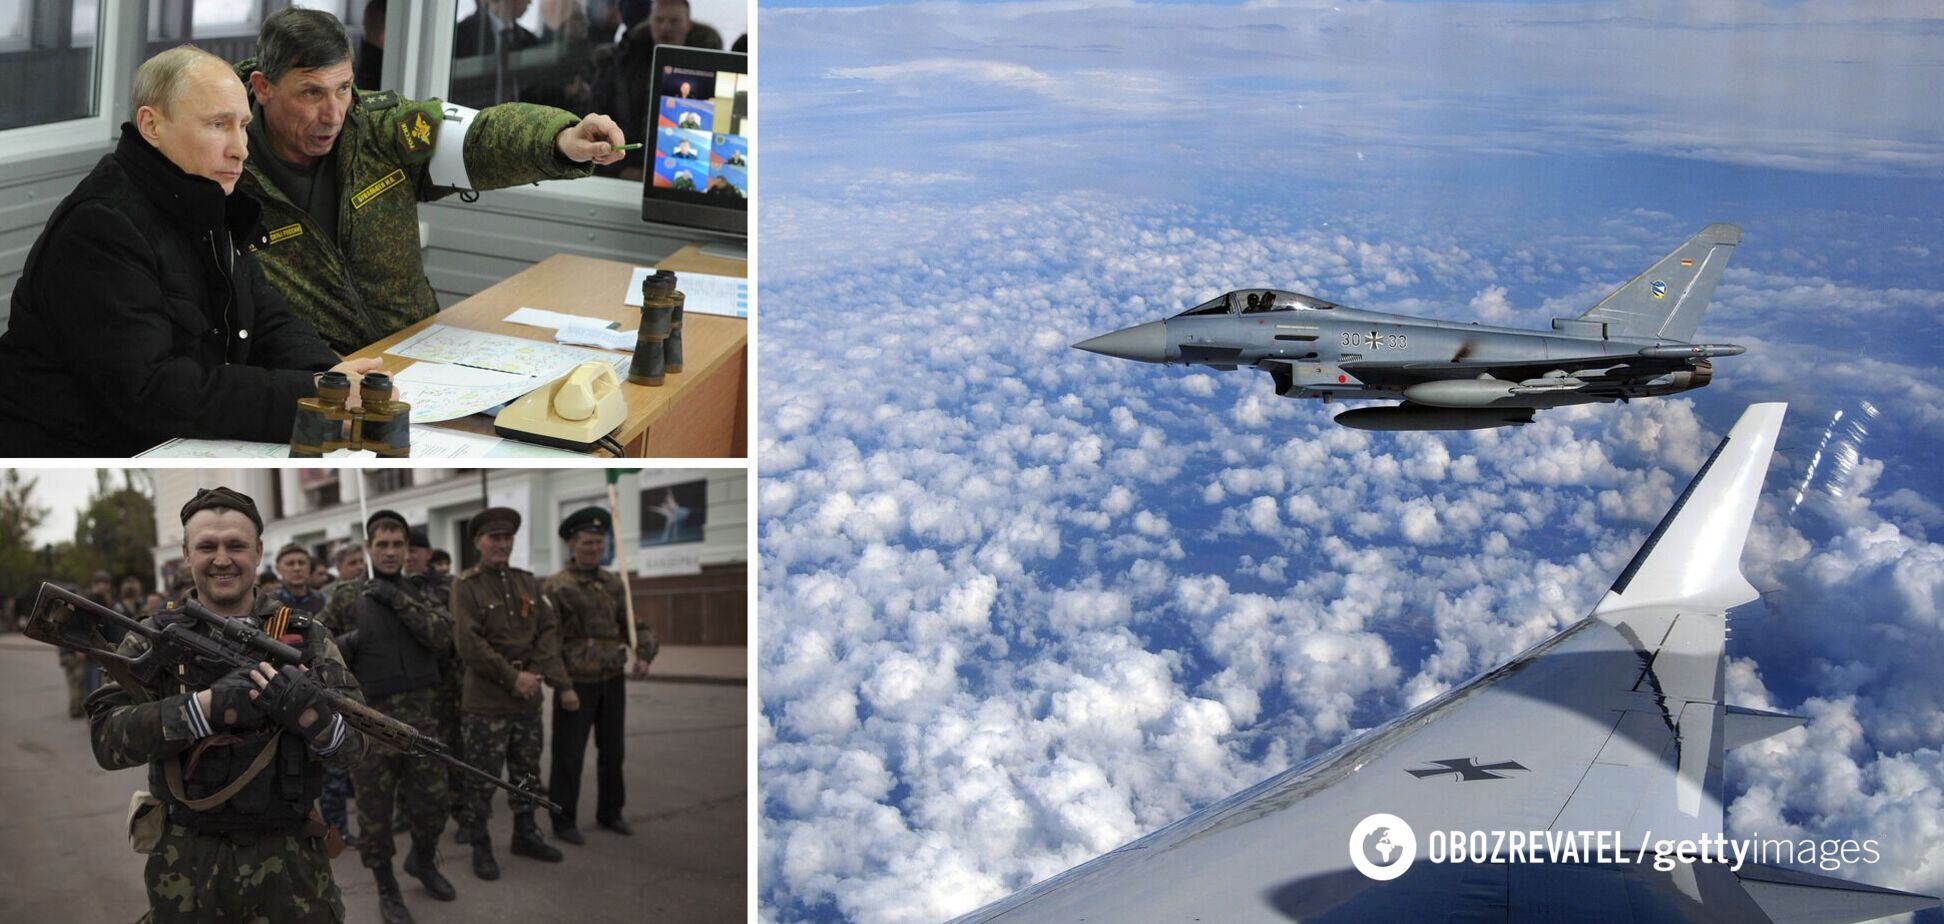 Гай: військові навчання РФ – це маневр і шантаж